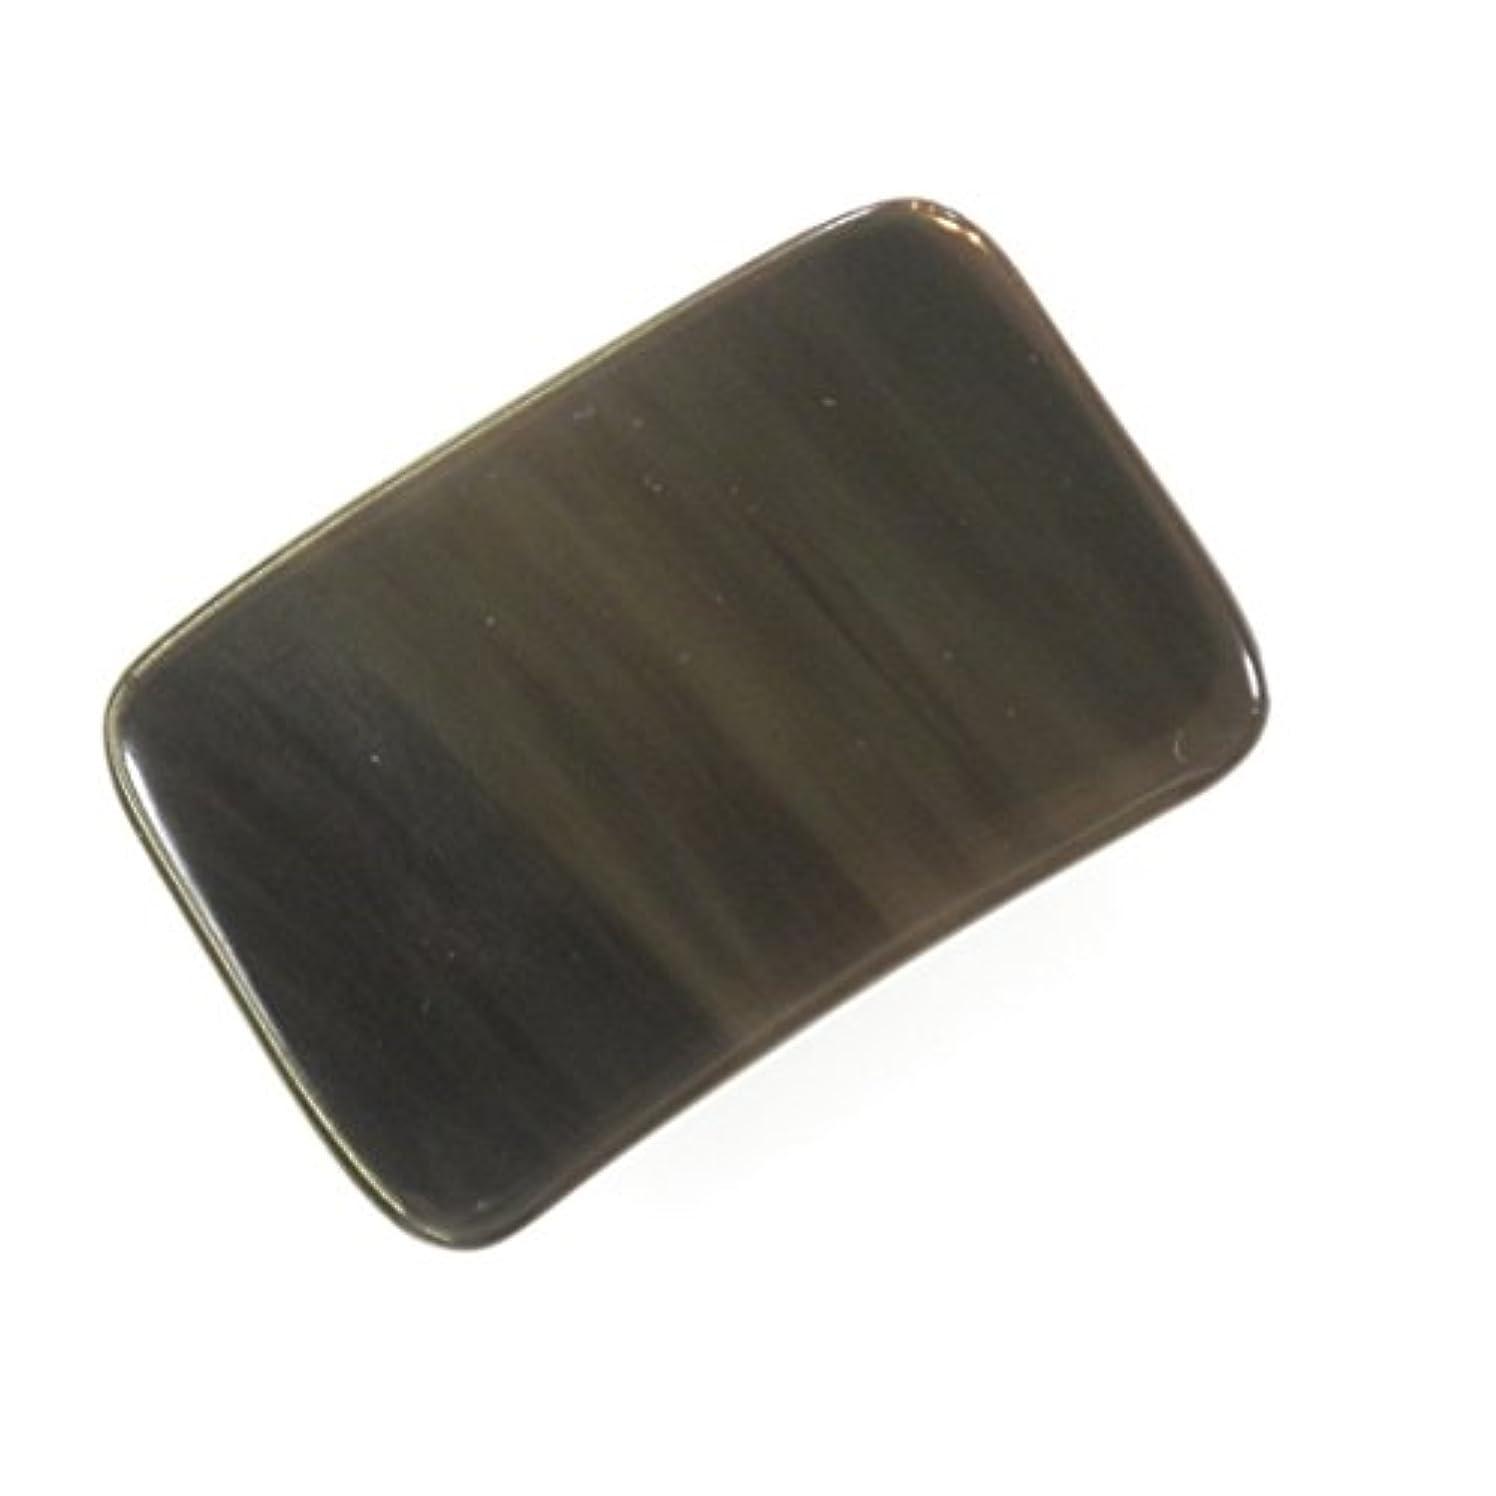 地区カウンタ弾性かっさ プレート 厚さが選べる 水牛の角(黒水牛角) EHE214 長方形小 一般品 薄め(5ミリ程度)